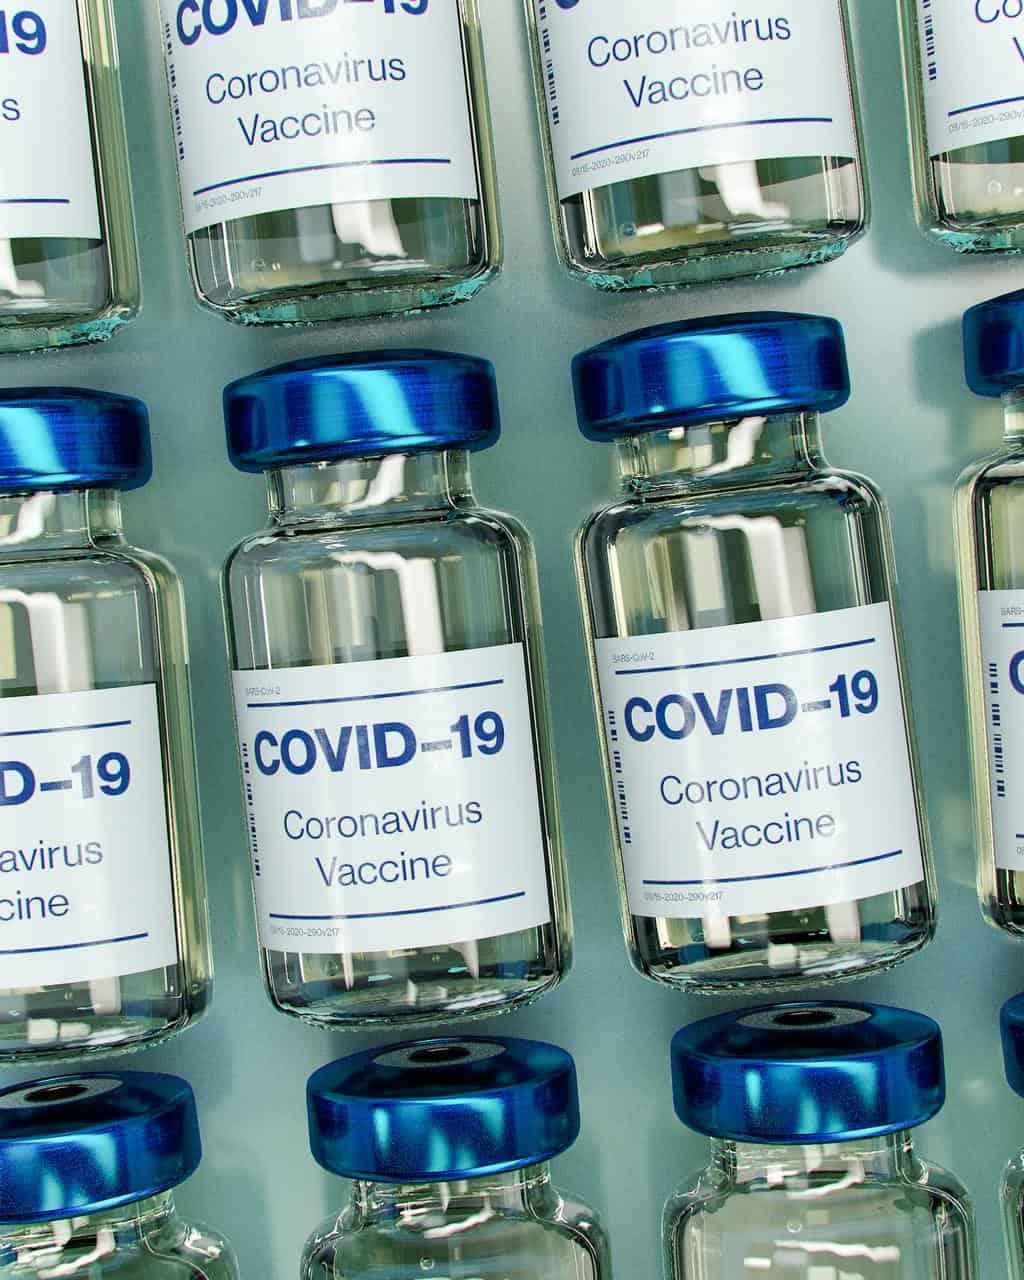 La inmunidad contra el coronavirus podría durar años, según nuevos estudios